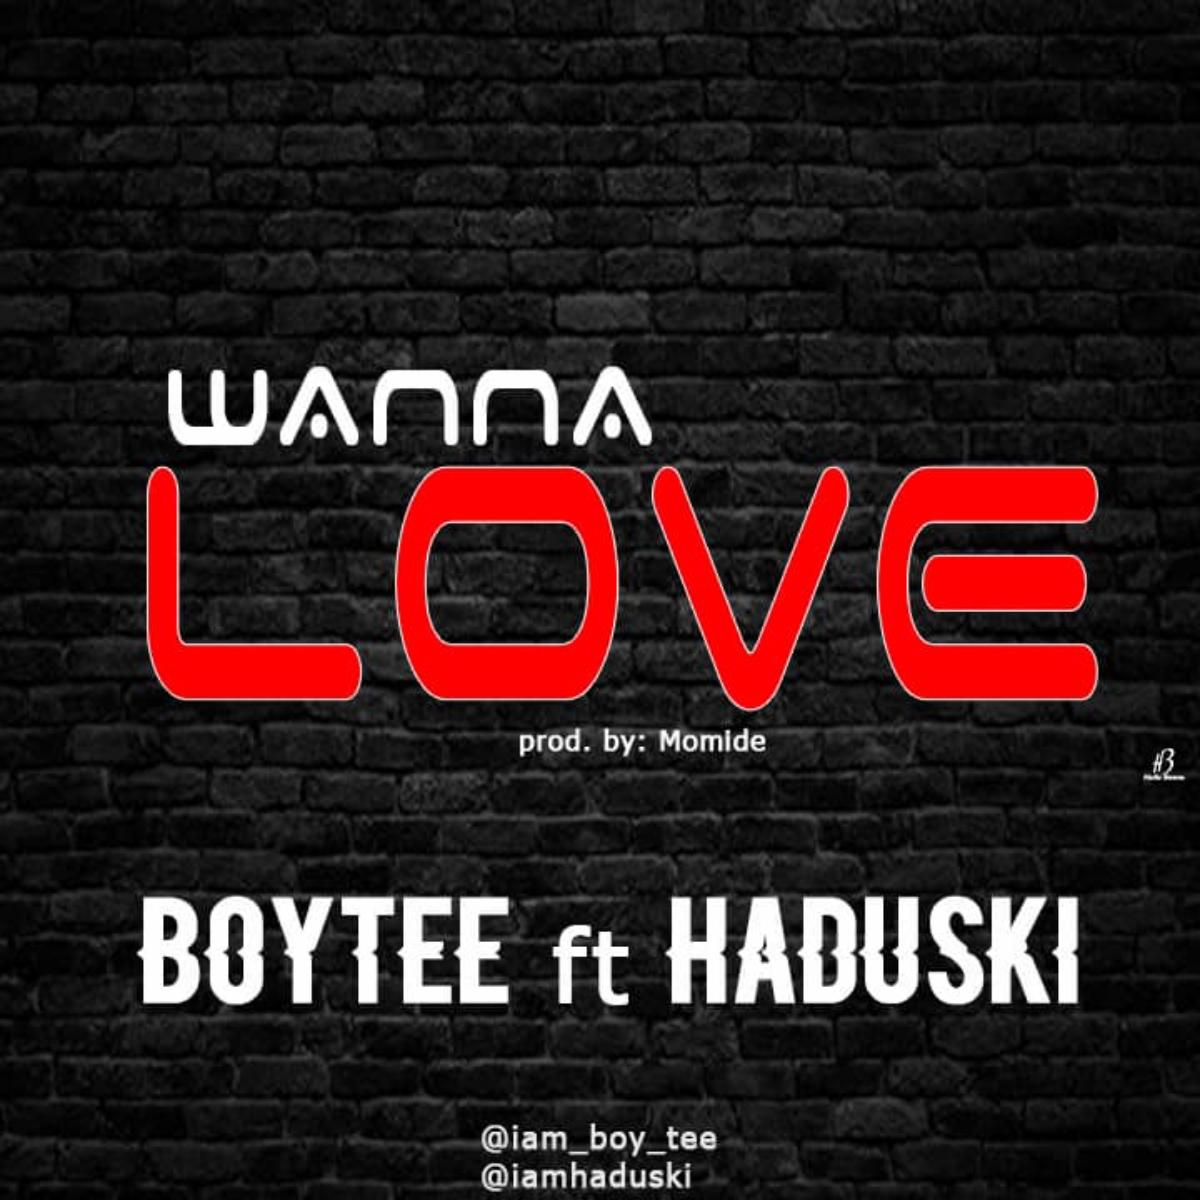 BOY TEE FT. HADUSKI – WANNA LOVE